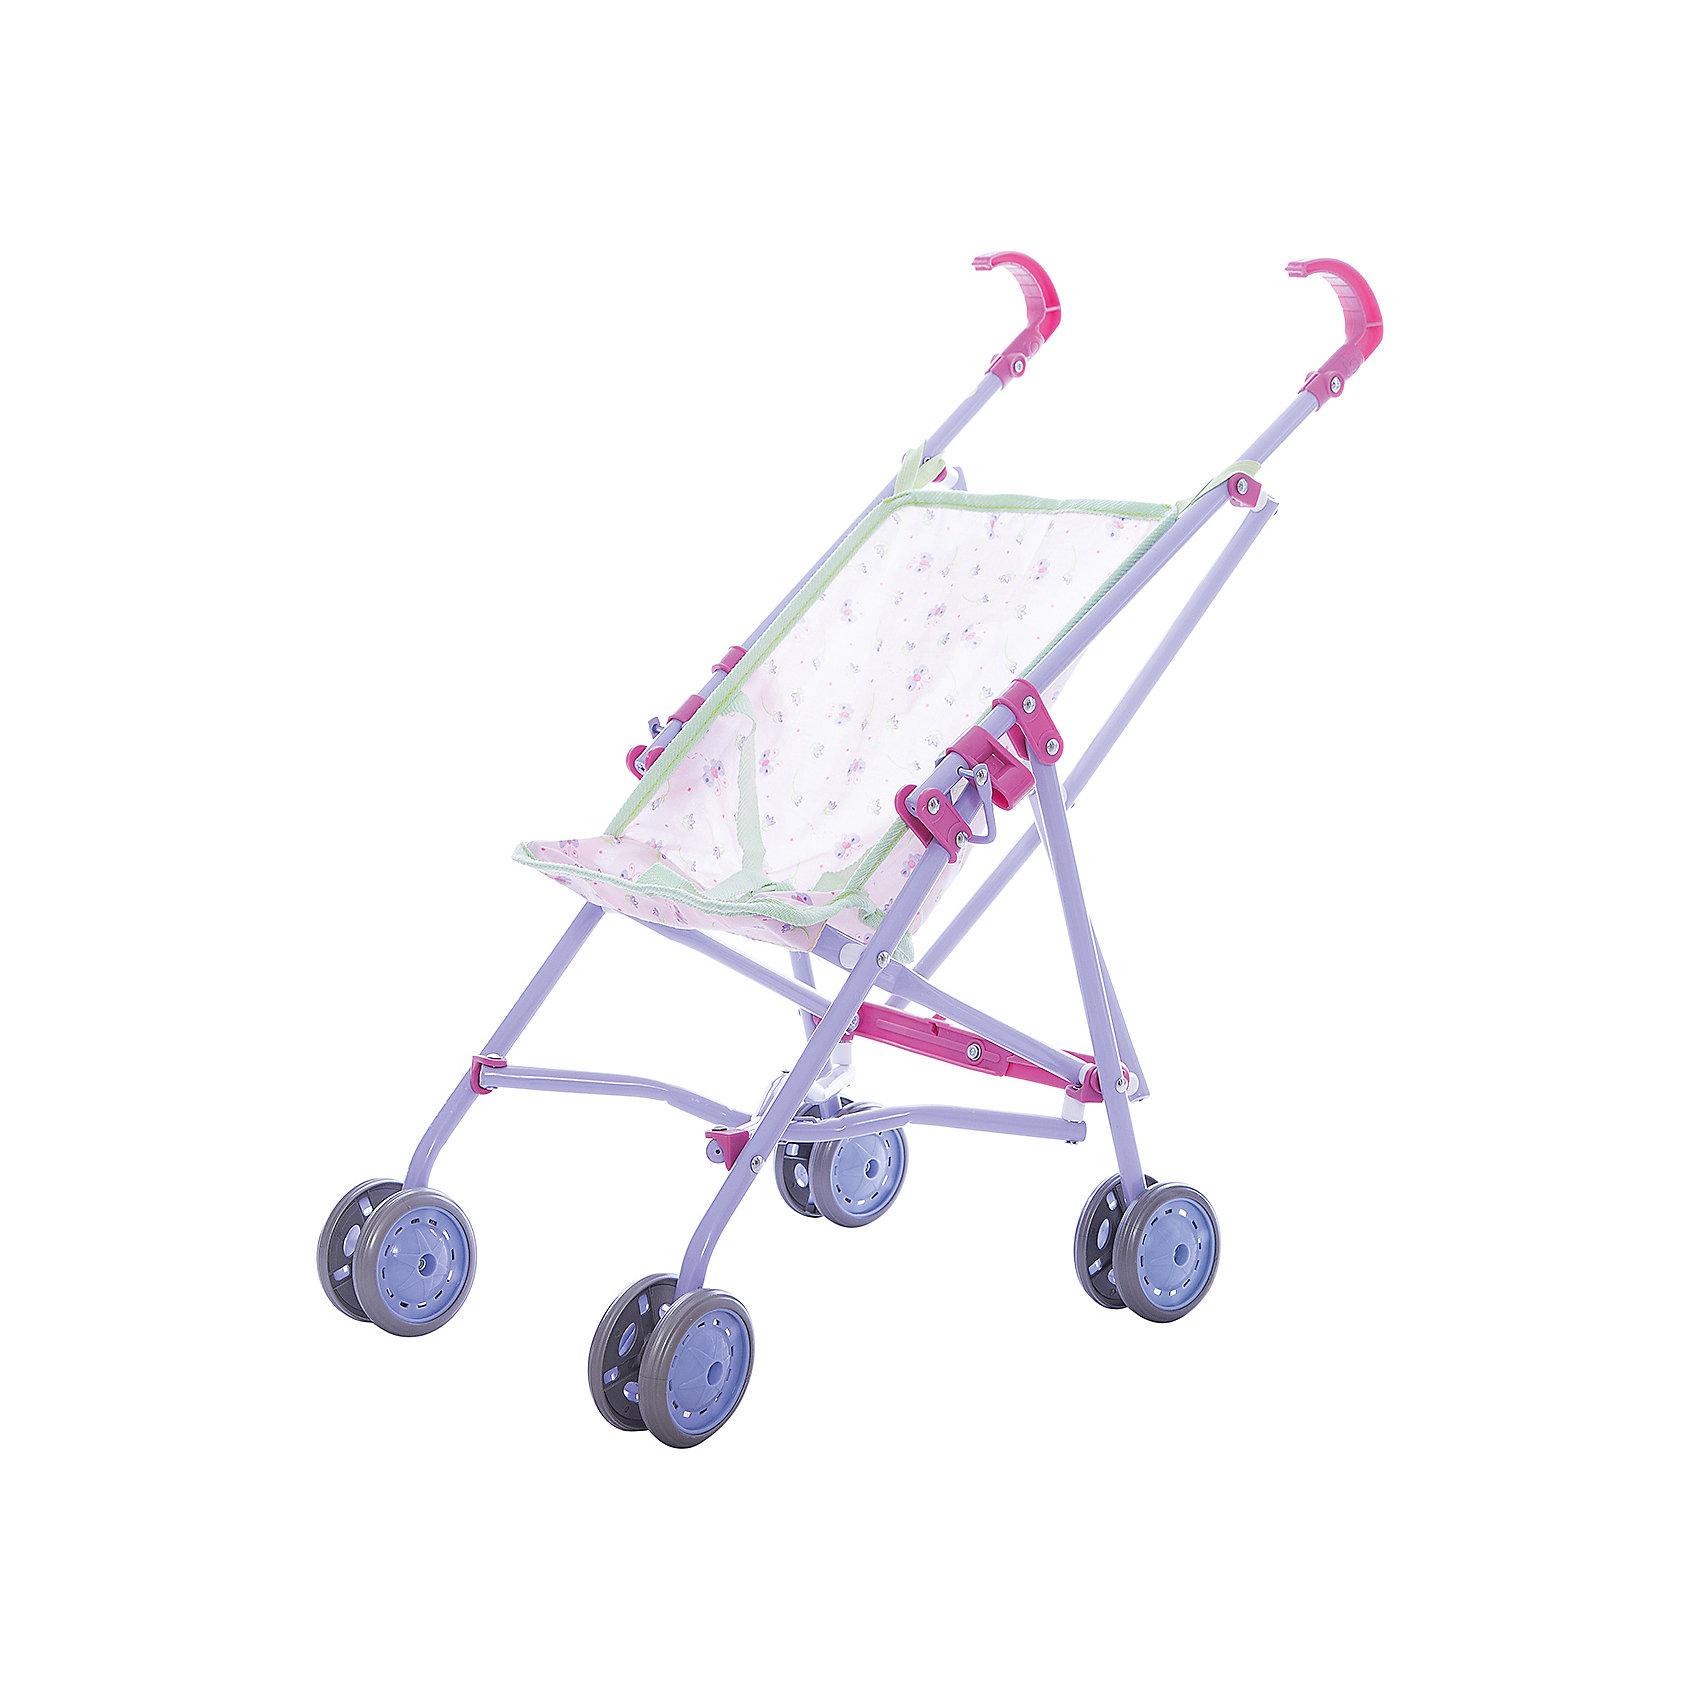 Коляска для кукол, SimbaКоляски и транспорт для кукол<br>Очень удобная и легкая коляска-трость для любимой куклы вашего ребенка. Коляска легко складывается, ее можно брать с собой на прогулку и в поездки. Ребенок с удовольствием будет катать свою куклу в этой коляске.<br><br>Дополнительная информация:<br><br>- Материал: пластмасса, текстиль.<br>- Высота коляски: 60 см.<br>- Размер упаковки: 11,5 х 66 х 9 см.<br>- Вес: 1,200 кг.<br><br>Кукольная коляска является значимым атрибутом сюжетно-ролевых игр в дочки-матери и стимулирует двигательную активность вашего ребенка. <br> <br>ВНИМАНИЕ! Данный товар представлен в двух вариантах цветового исполнения. К сожалению, предварительный выбор того или иного цвета коляски невозможен. При заказе нескольких, возможно получение одинаковых.<br><br>Купить коляску можно в нашем магазине.<br><br>Ширина мм: 90<br>Глубина мм: 115<br>Высота мм: 660<br>Вес г: 1200<br>Возраст от месяцев: 36<br>Возраст до месяцев: 60<br>Пол: Женский<br>Возраст: Детский<br>SKU: 1882993